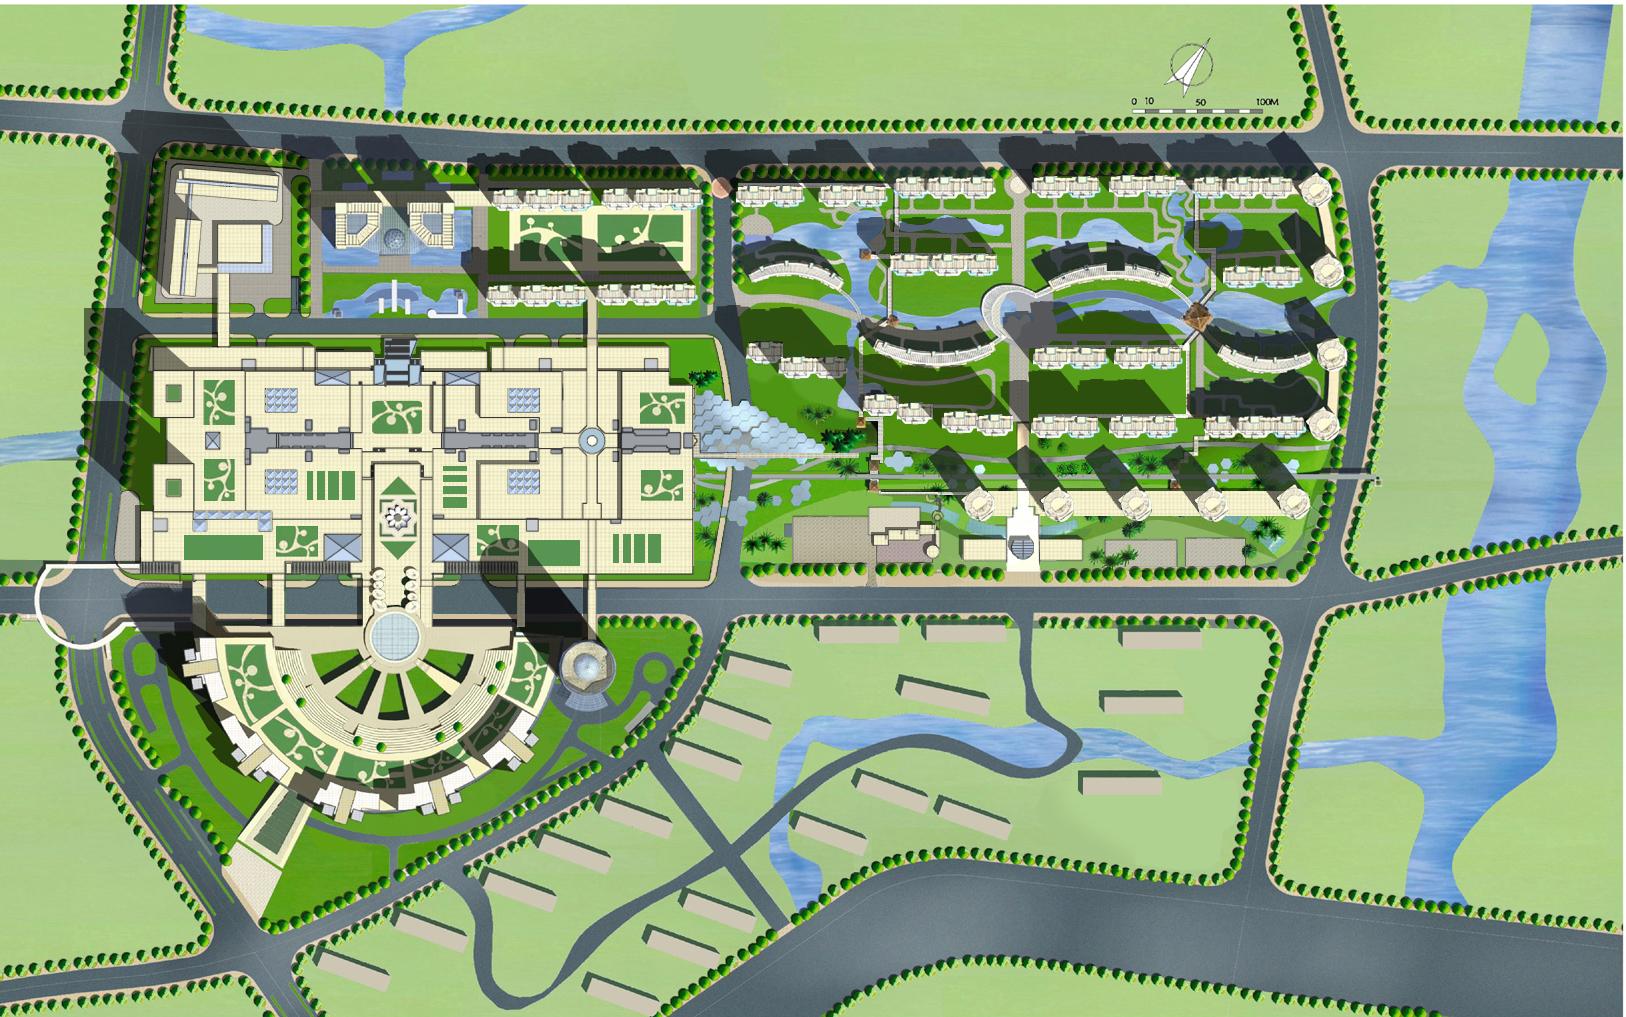 轨道交通11号线嘉定北站站点及停车场地区控详规划